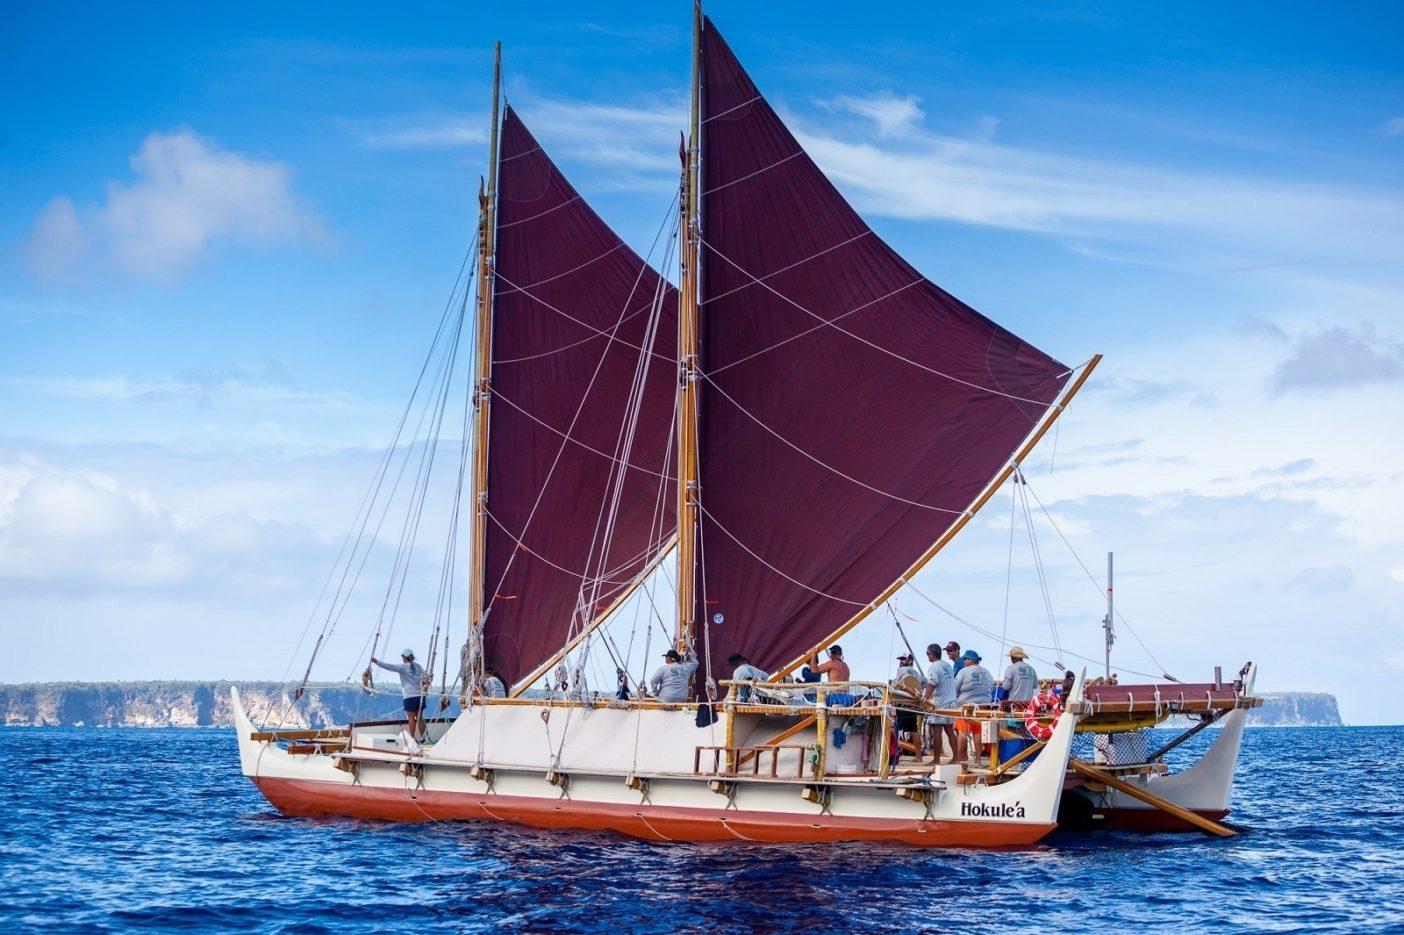 40年以上航海をつづけてきたホクレア号は、ポリネシア全域のコミュニティで航海カヌーの復興に火をともした。Photo: John Bilderback